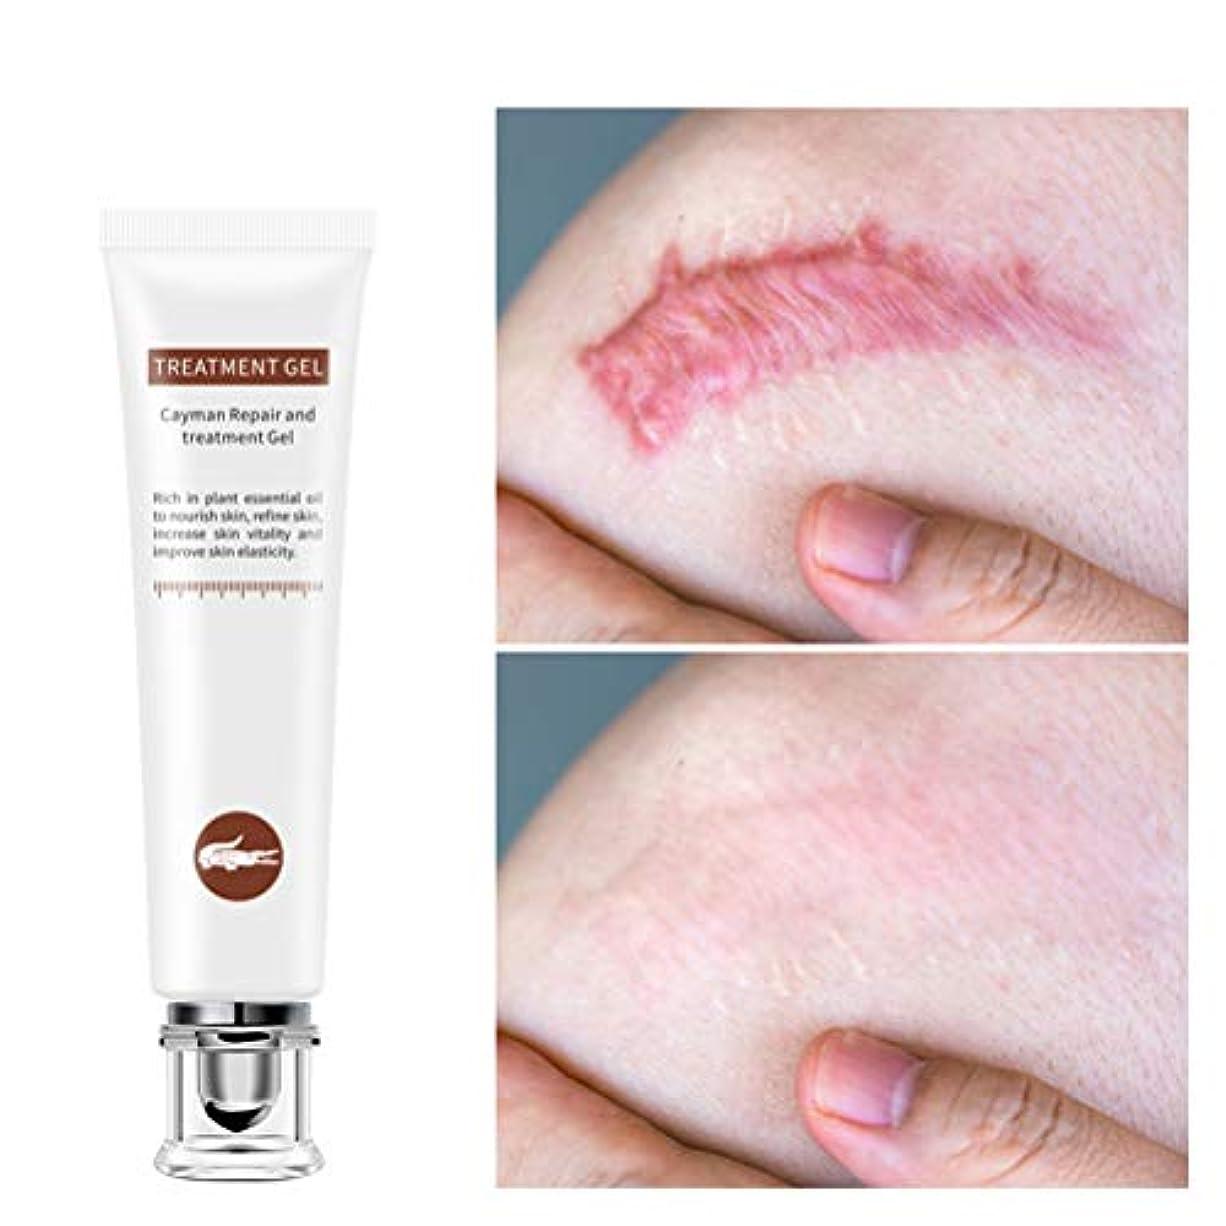 虎沼地ながらOurine 瘢痕除去クリーム ホワイトニング 美白 傷跡うすくする 修復 斑点を除去し ストレッチマーク にきびプリント 肌に栄養を与え 妊娠線 美活肌エキス 傷跡 肌ケア 男女兼用